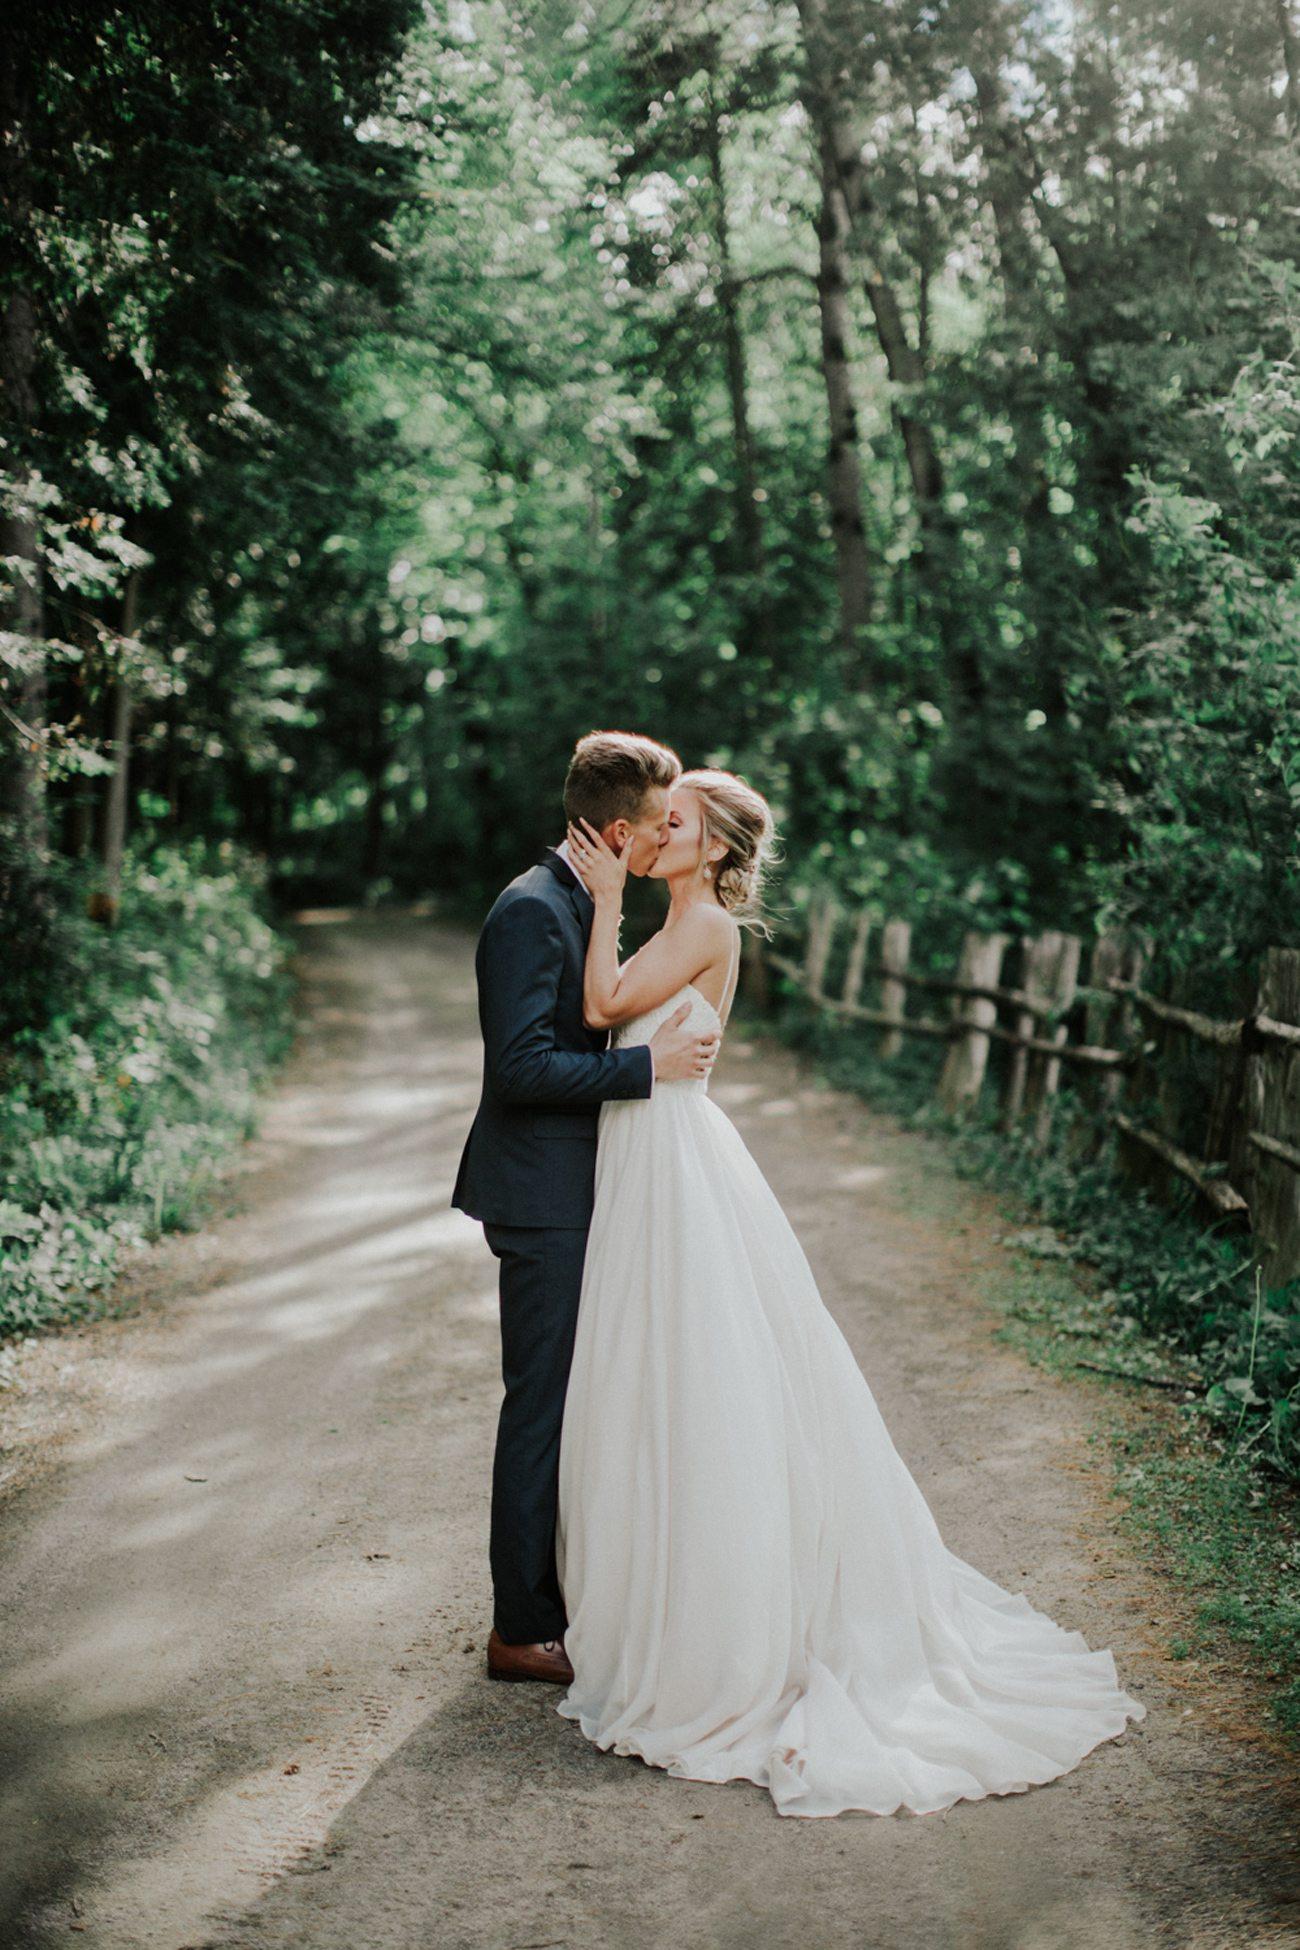 317-victoria-wedding-photographer